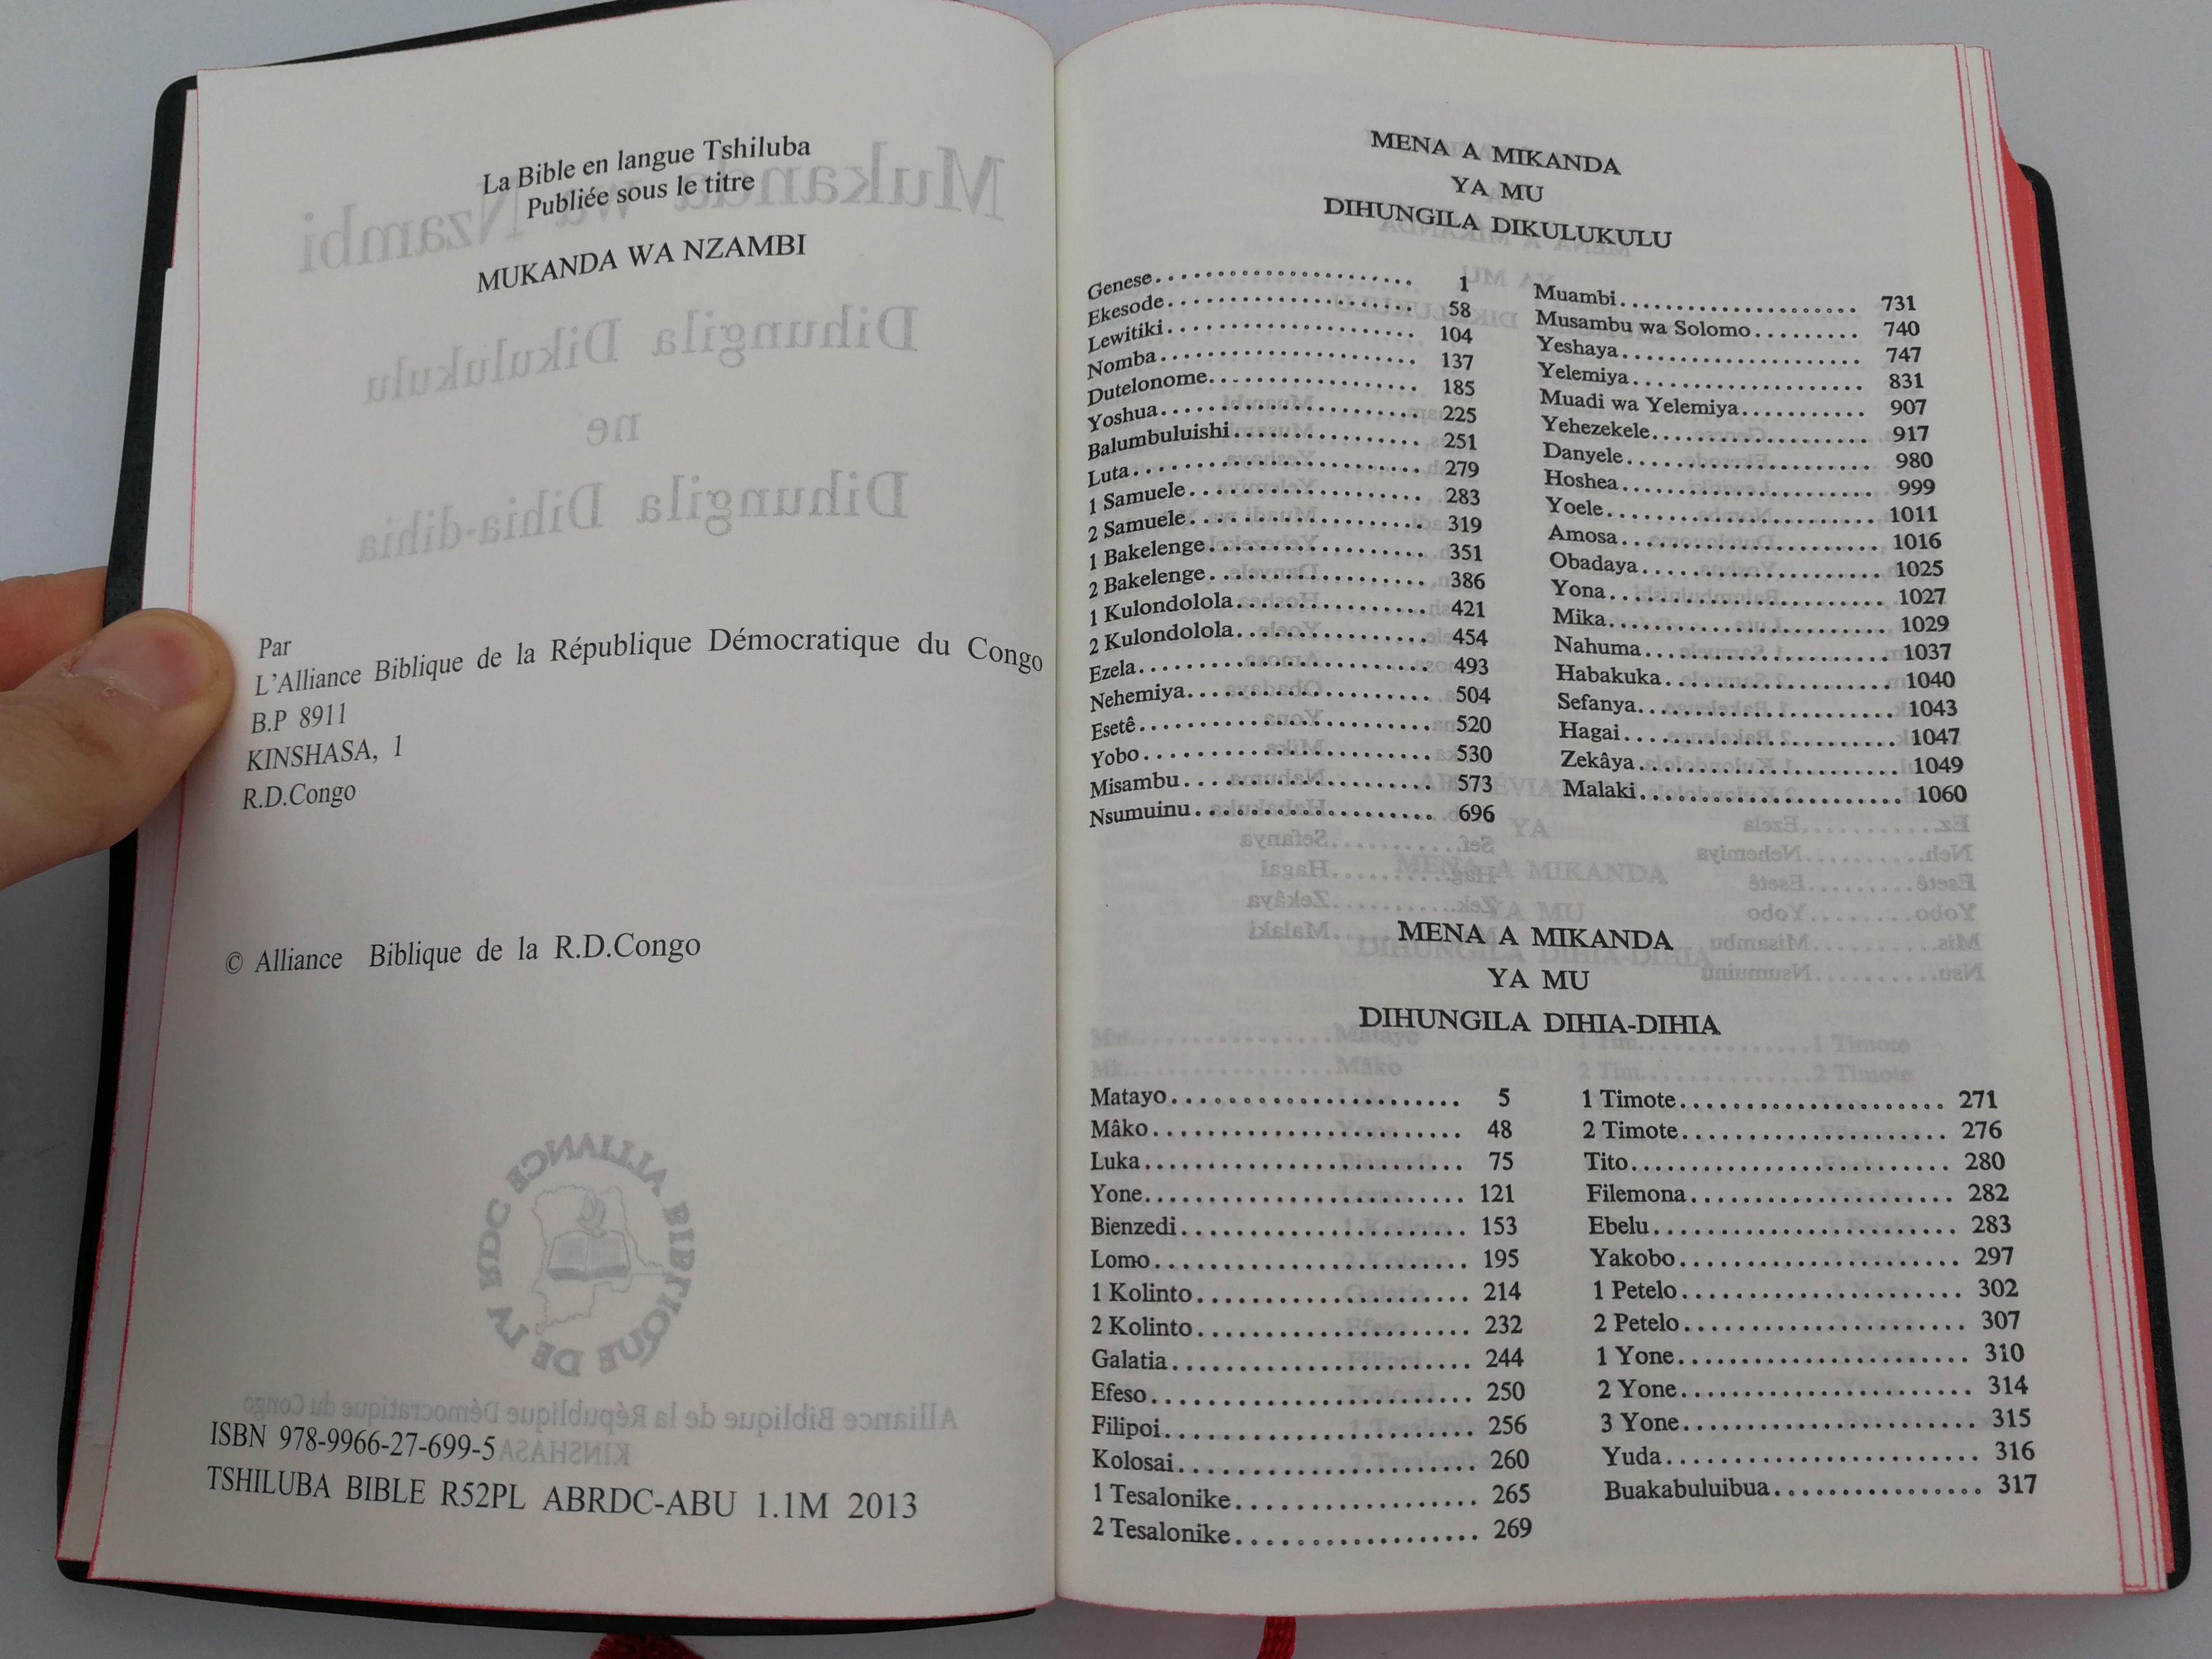 mukanda-wa-nzambi-tshiluba-language-holy-bible-5.jpg